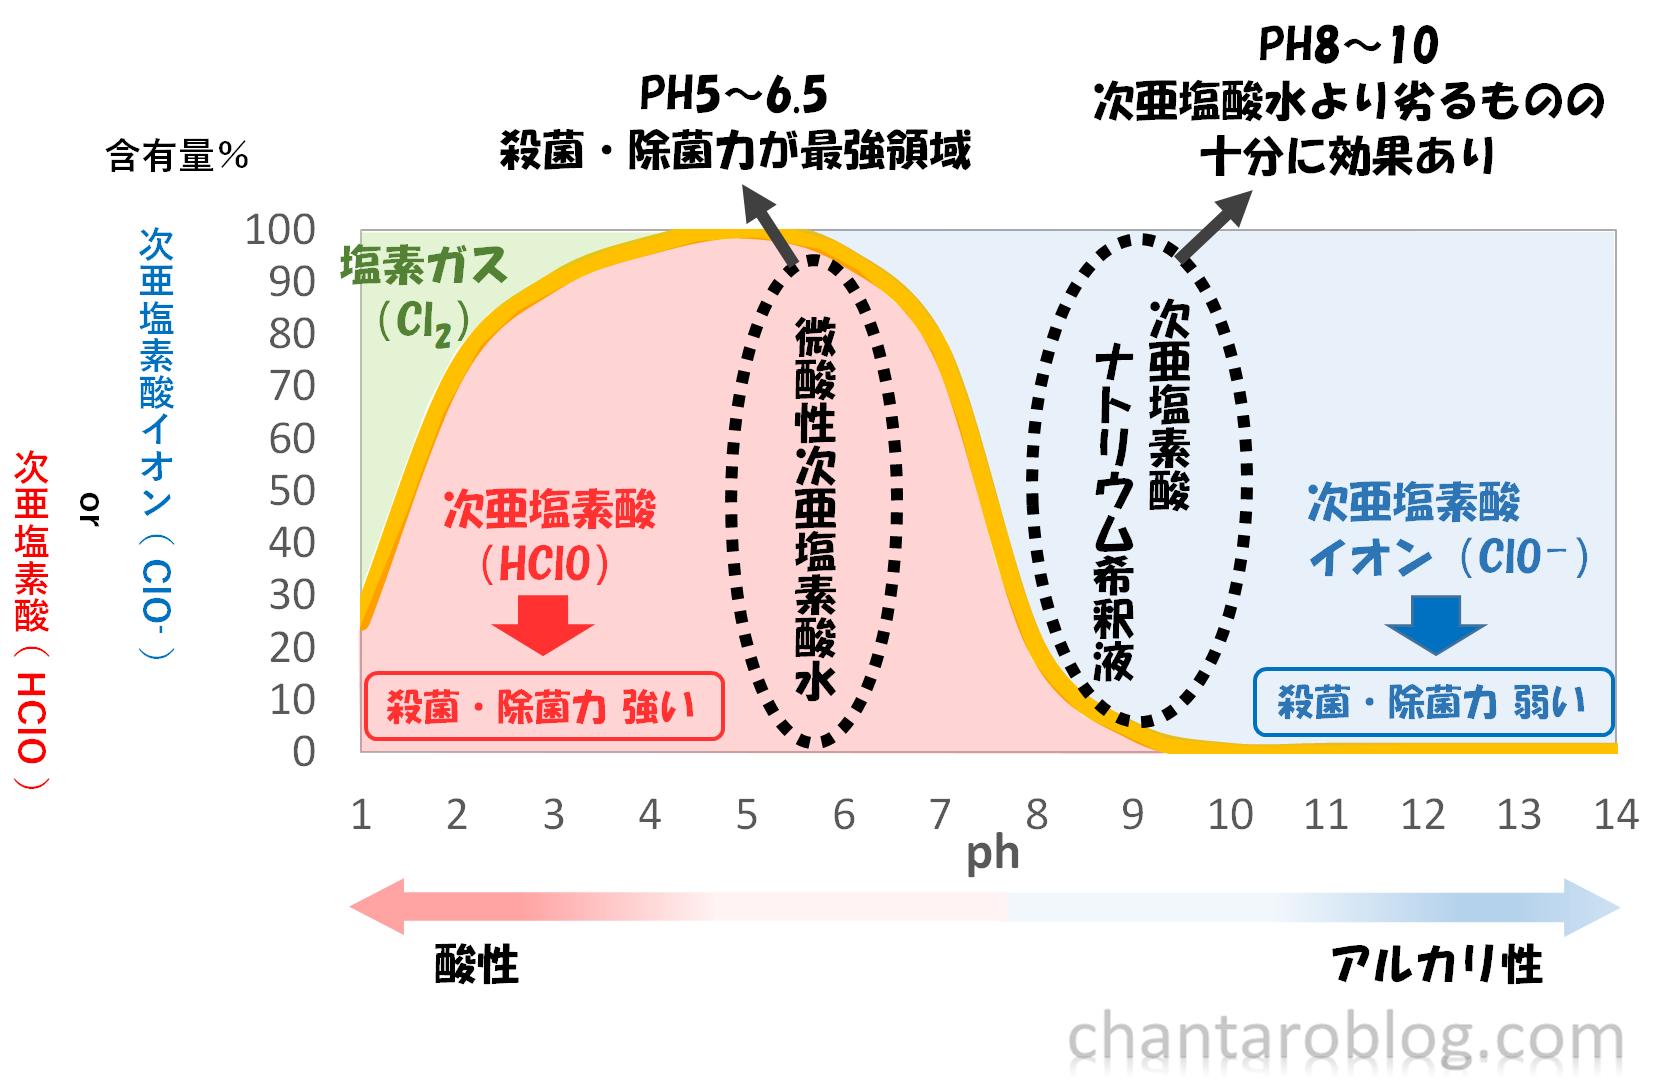 次亜塩素酸と次亜塩素酸イオンの比率がグラフ化されている。そのグラフにより殺菌・除菌力の強さが変化してくることを説明している。